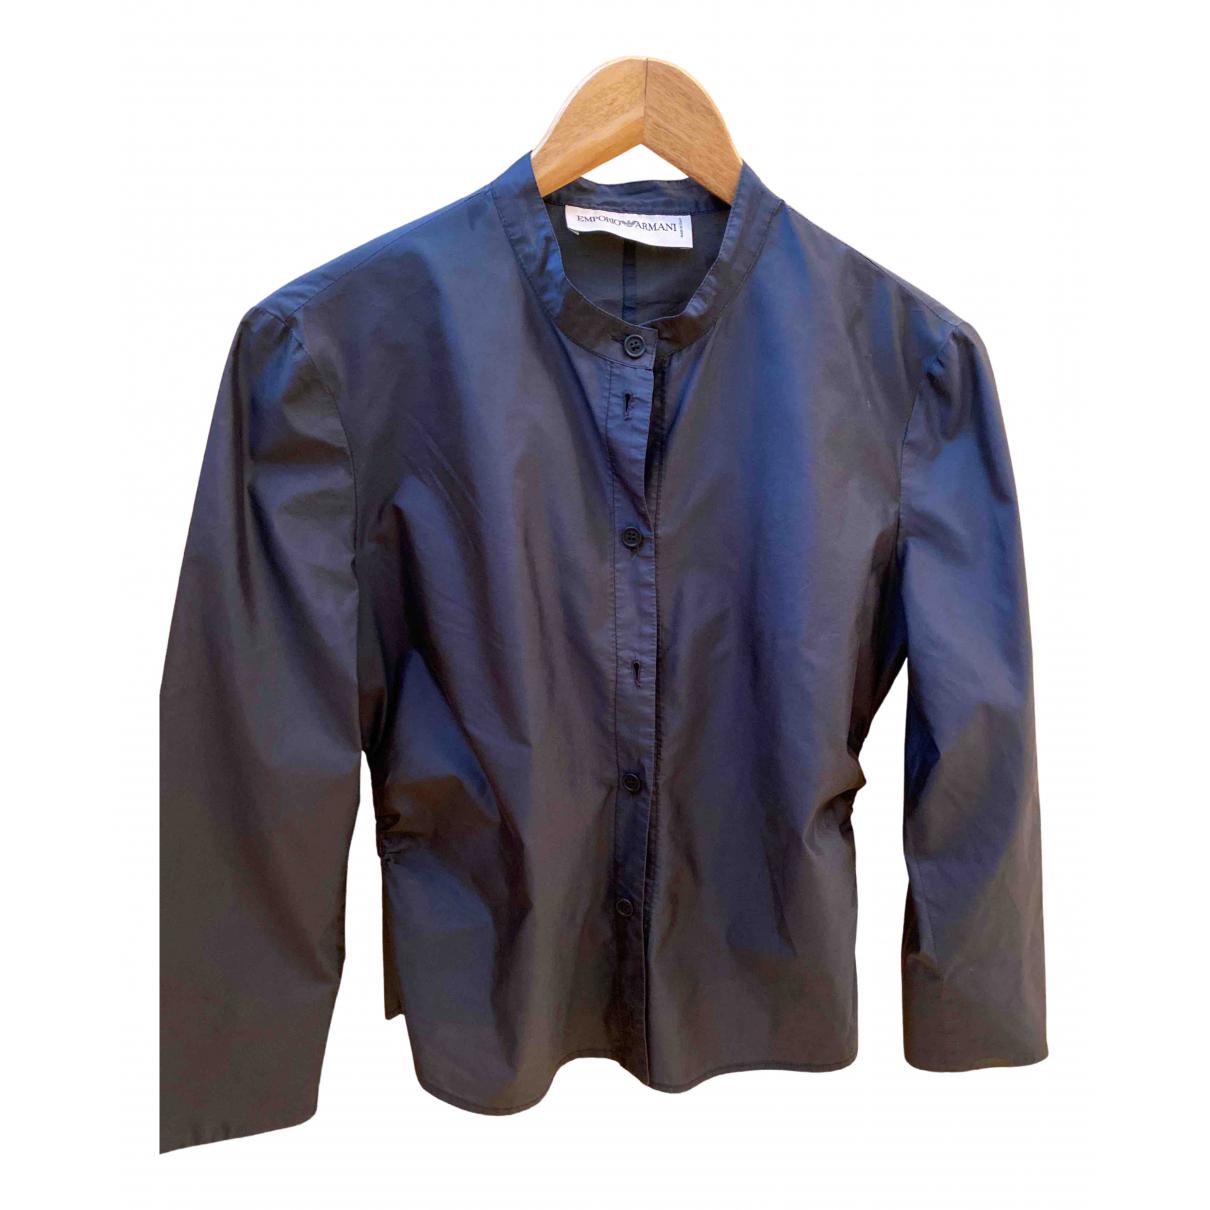 Emporio Armani \N Jacke in  Blau Seide